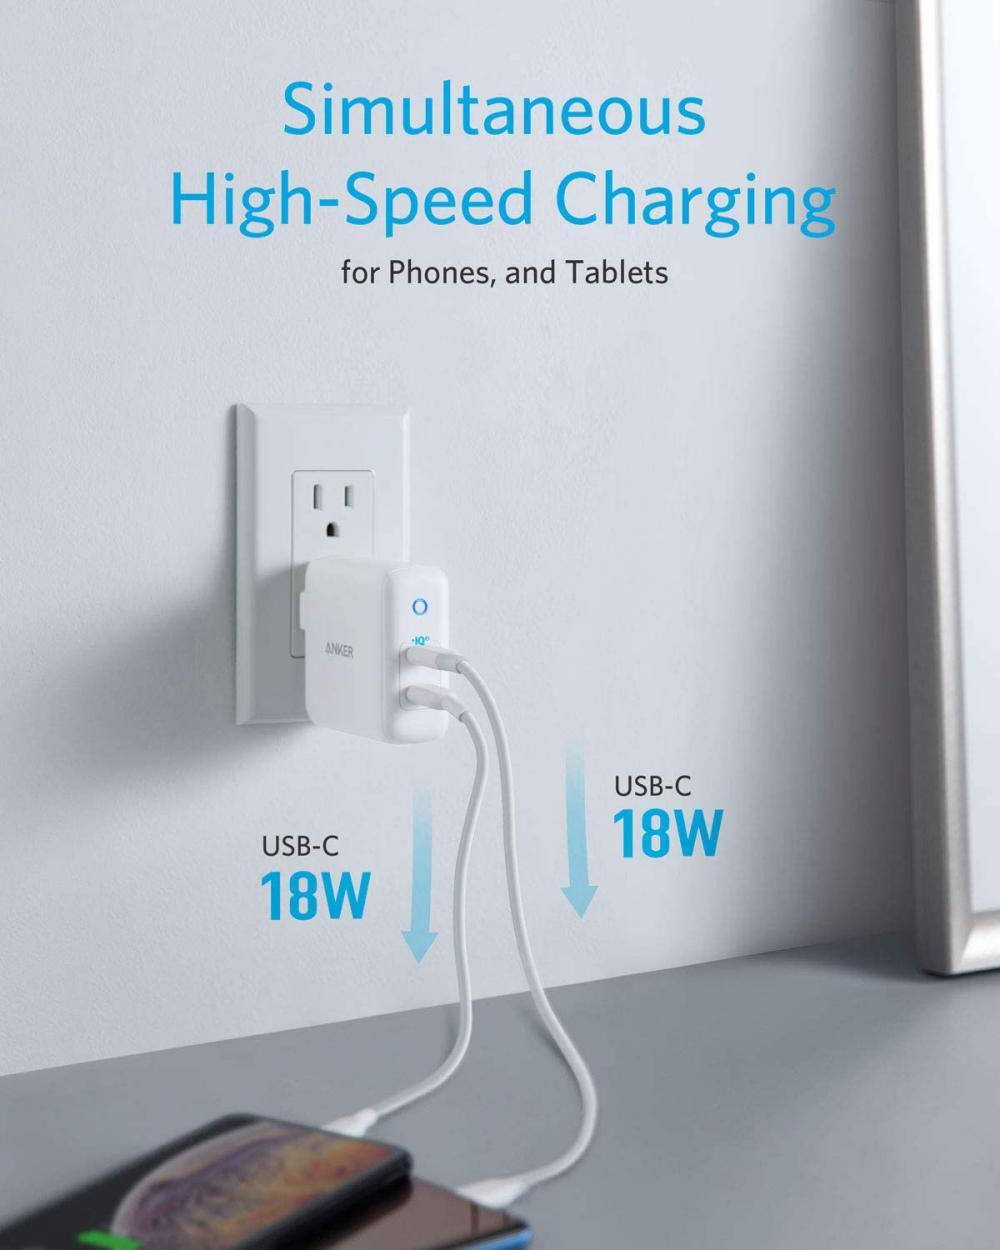 Anker Powerport Iii Duo 36w 2 Port Poweriq 3 0 Usb C Charger (2)